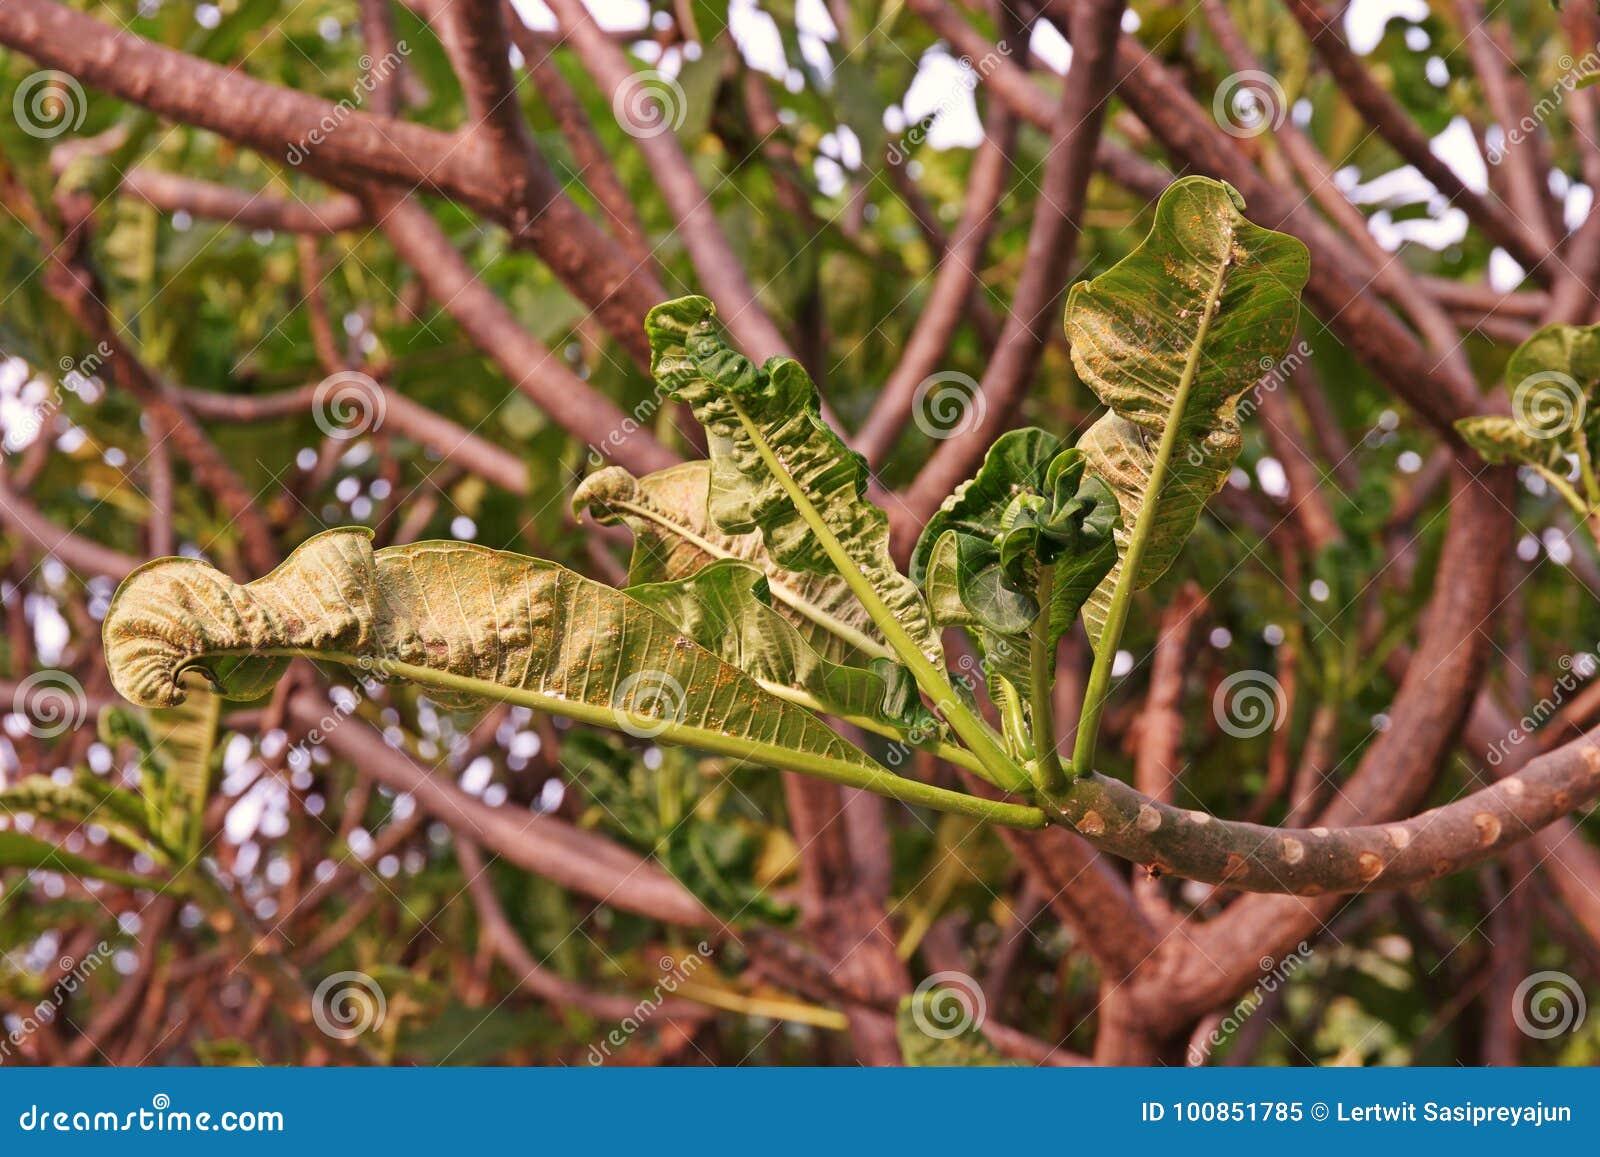 Feuilles de Plumeria et malformation de pousse